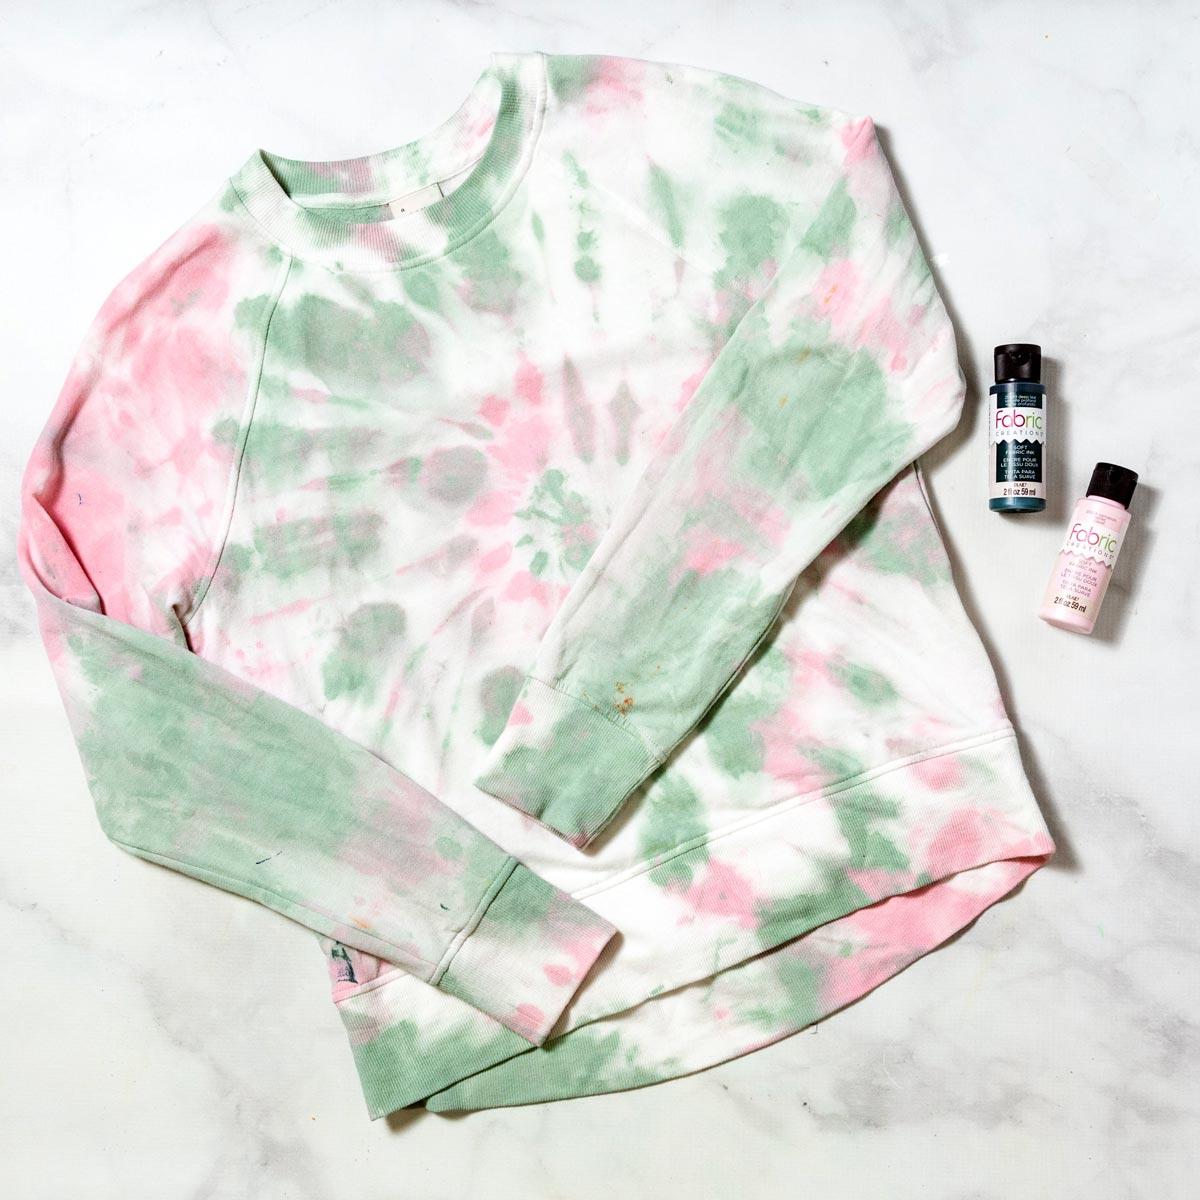 DIY Tie-Dye Pink and Blue Sweatshirt